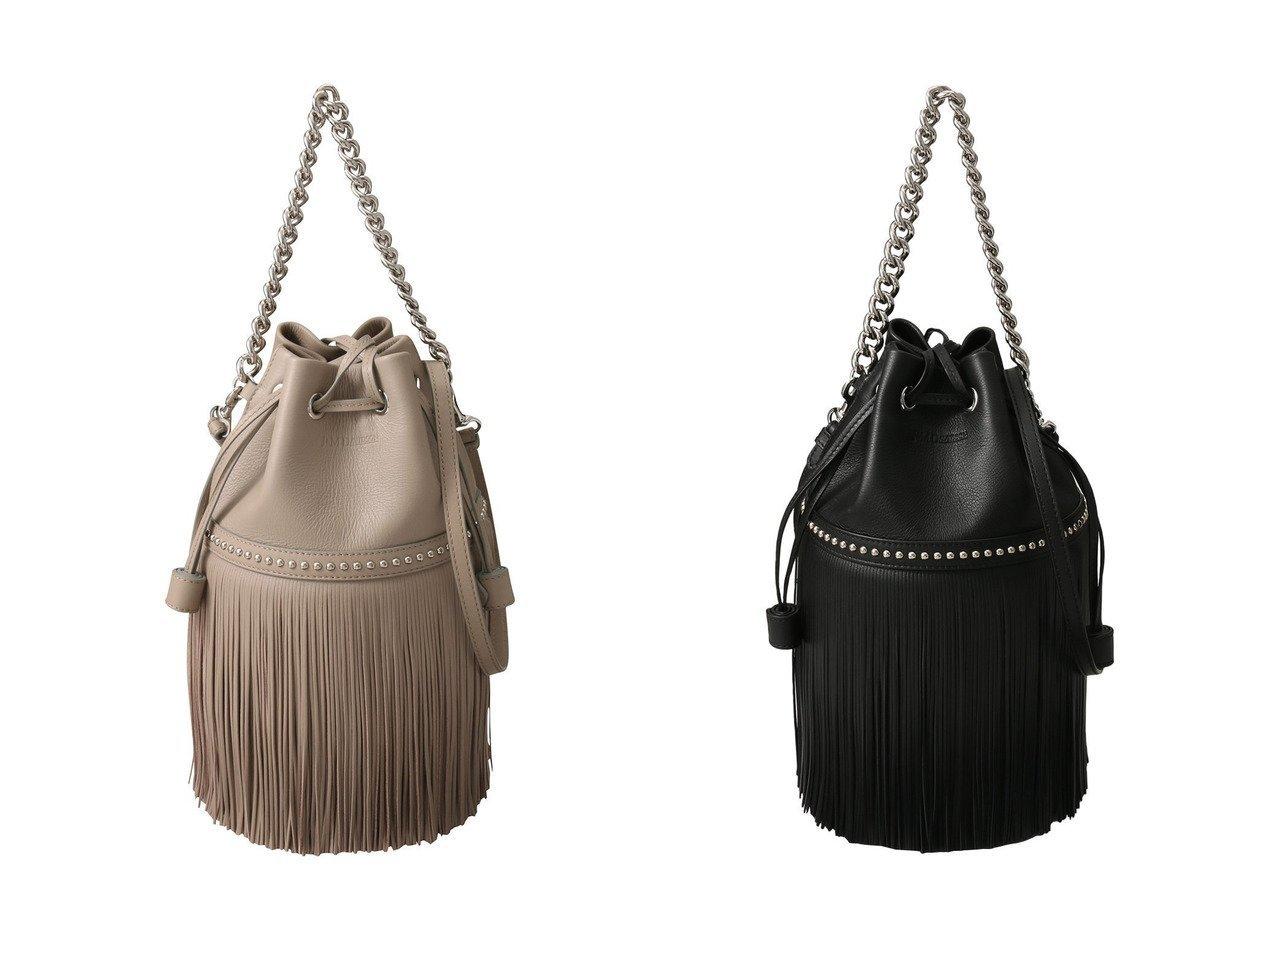 【J&M DAVIDSON/ジェイアンドエム デヴィッドソン】のFRINGE CARNIVAL M WITH STUDS バッグ・鞄のおすすめ!人気、トレンド・レディースファッションの通販 おすすめで人気の流行・トレンド、ファッションの通販商品 メンズファッション・キッズファッション・インテリア・家具・レディースファッション・服の通販 founy(ファニー) https://founy.com/ ファッション Fashion レディースファッション WOMEN 2021年 2021 2021 春夏 S/S SS Spring/Summer 2021 S/S 春夏 SS Spring/Summer クール ハンドバッグ フォルム 人気 春 Spring |ID:crp329100000016321